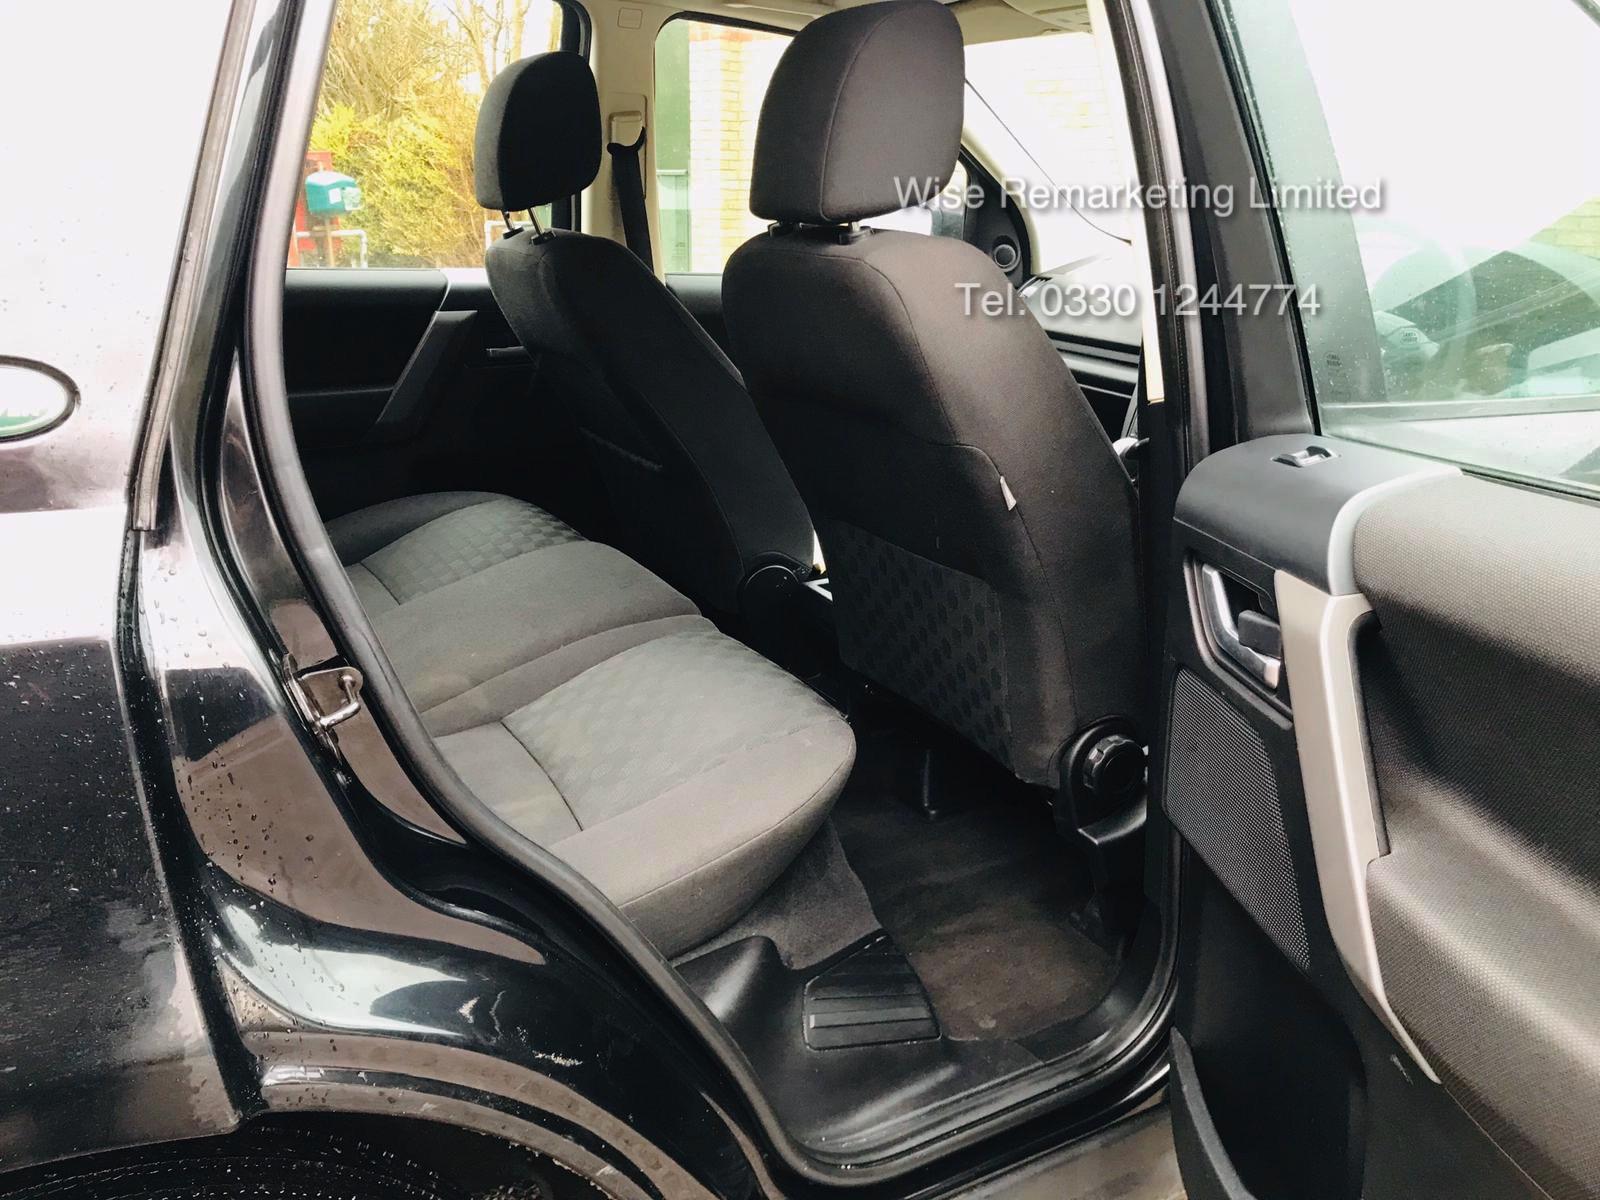 Land Rover Freelander GS 2.2 TD4 Auto - 2009 09 Reg - Service History - Sat Nav - Image 10 of 27